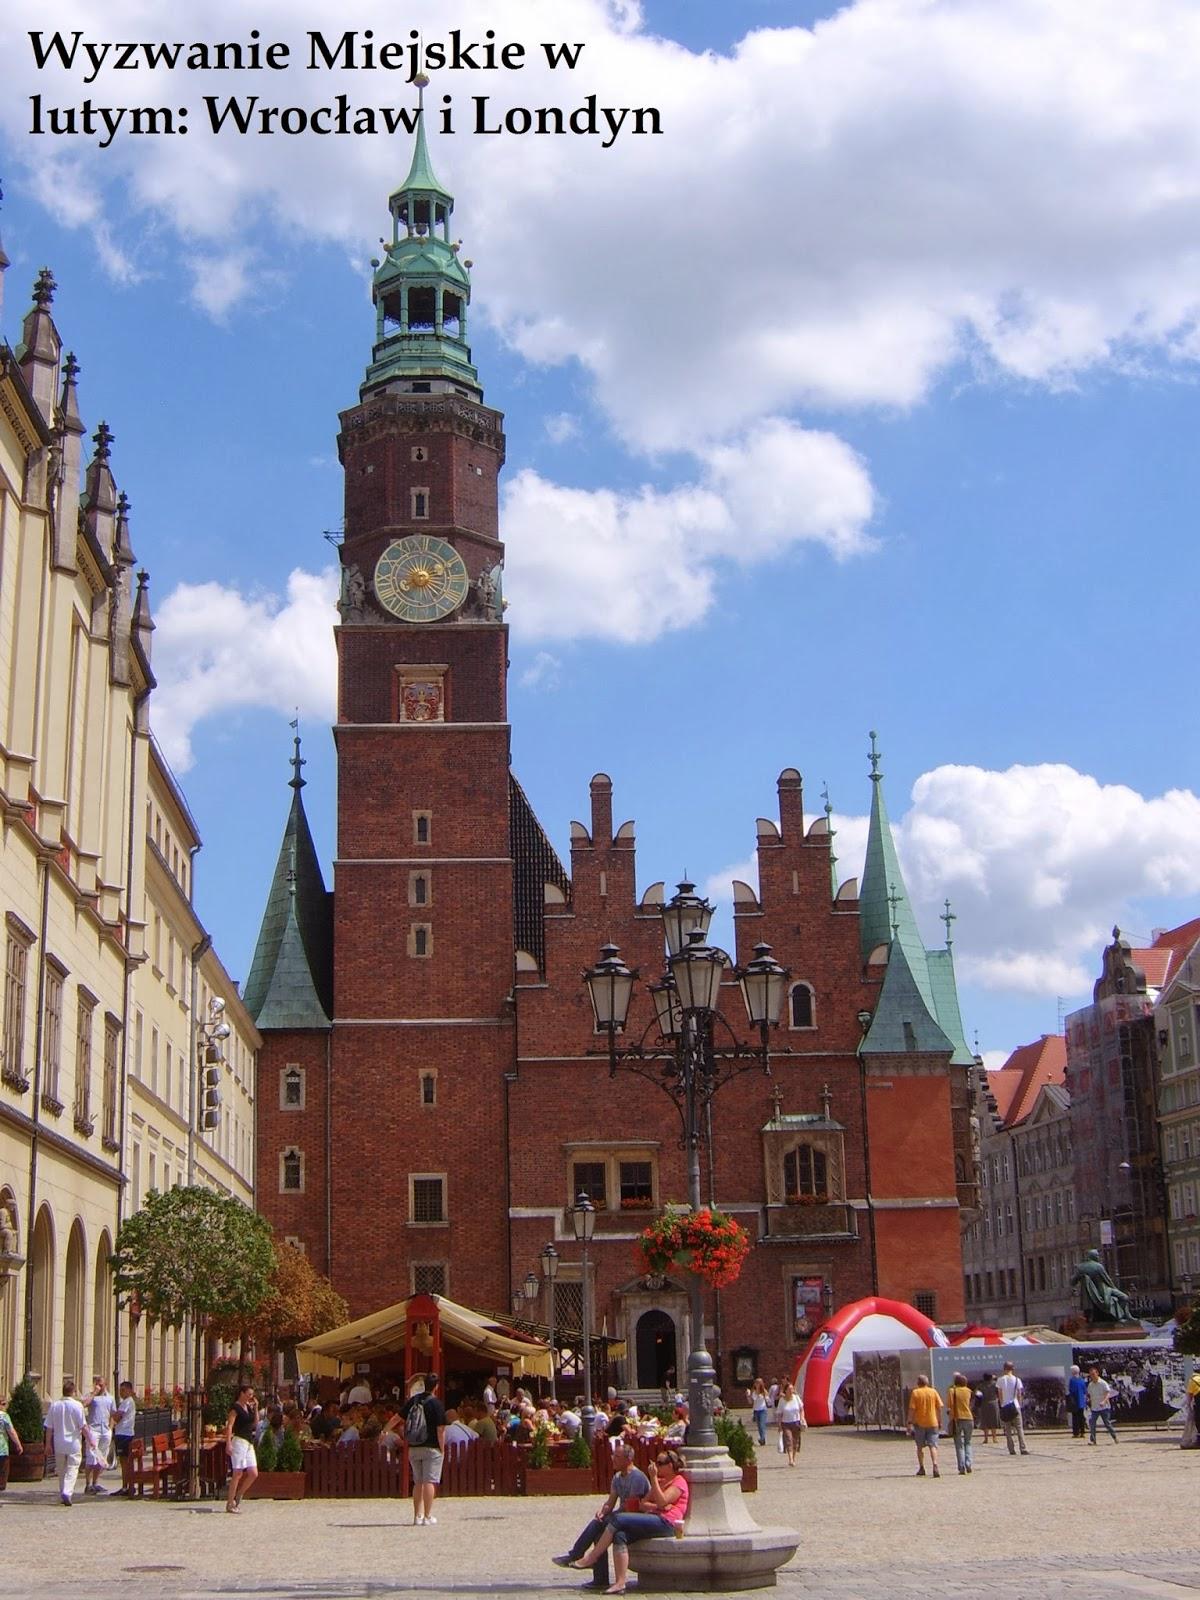 http://krakowskieczytanie.blogspot.com/2014/02/podsumowanie-stycznia-w-wyzwaniu.html